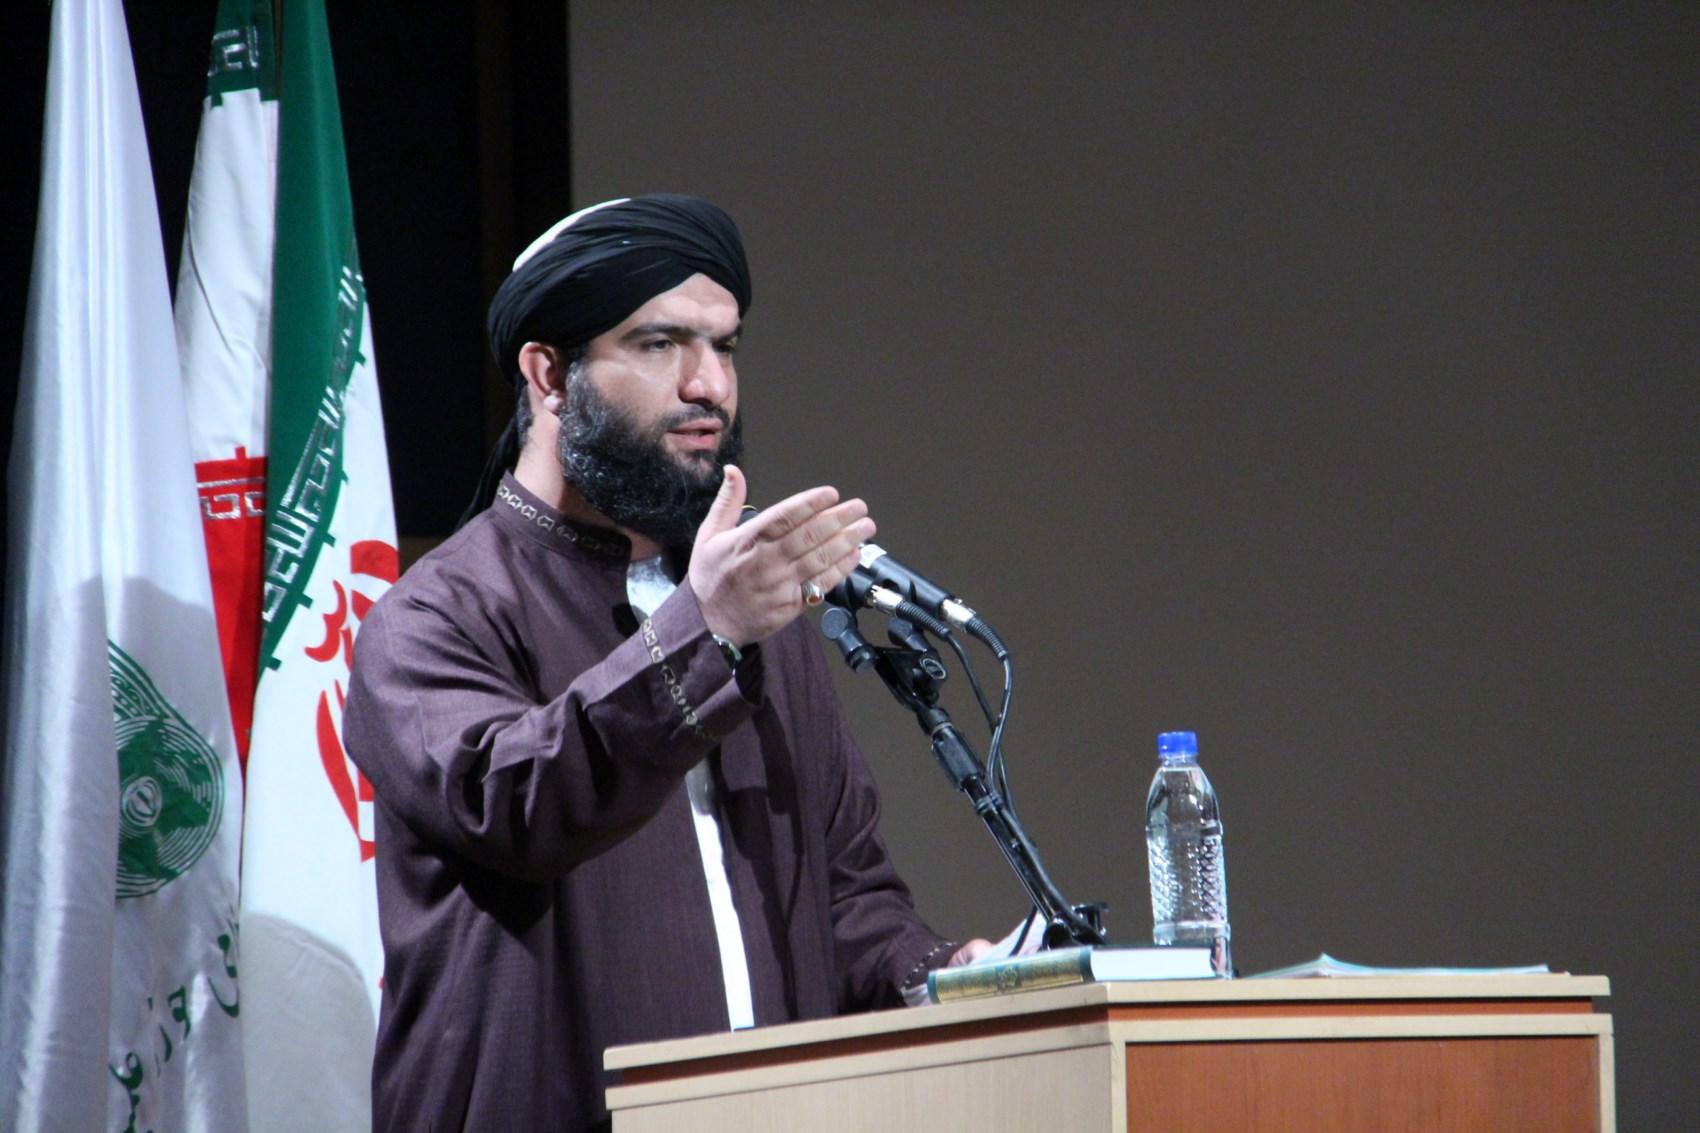 شیخ حسین توانا از علمای اهل سنت جنوب کشور